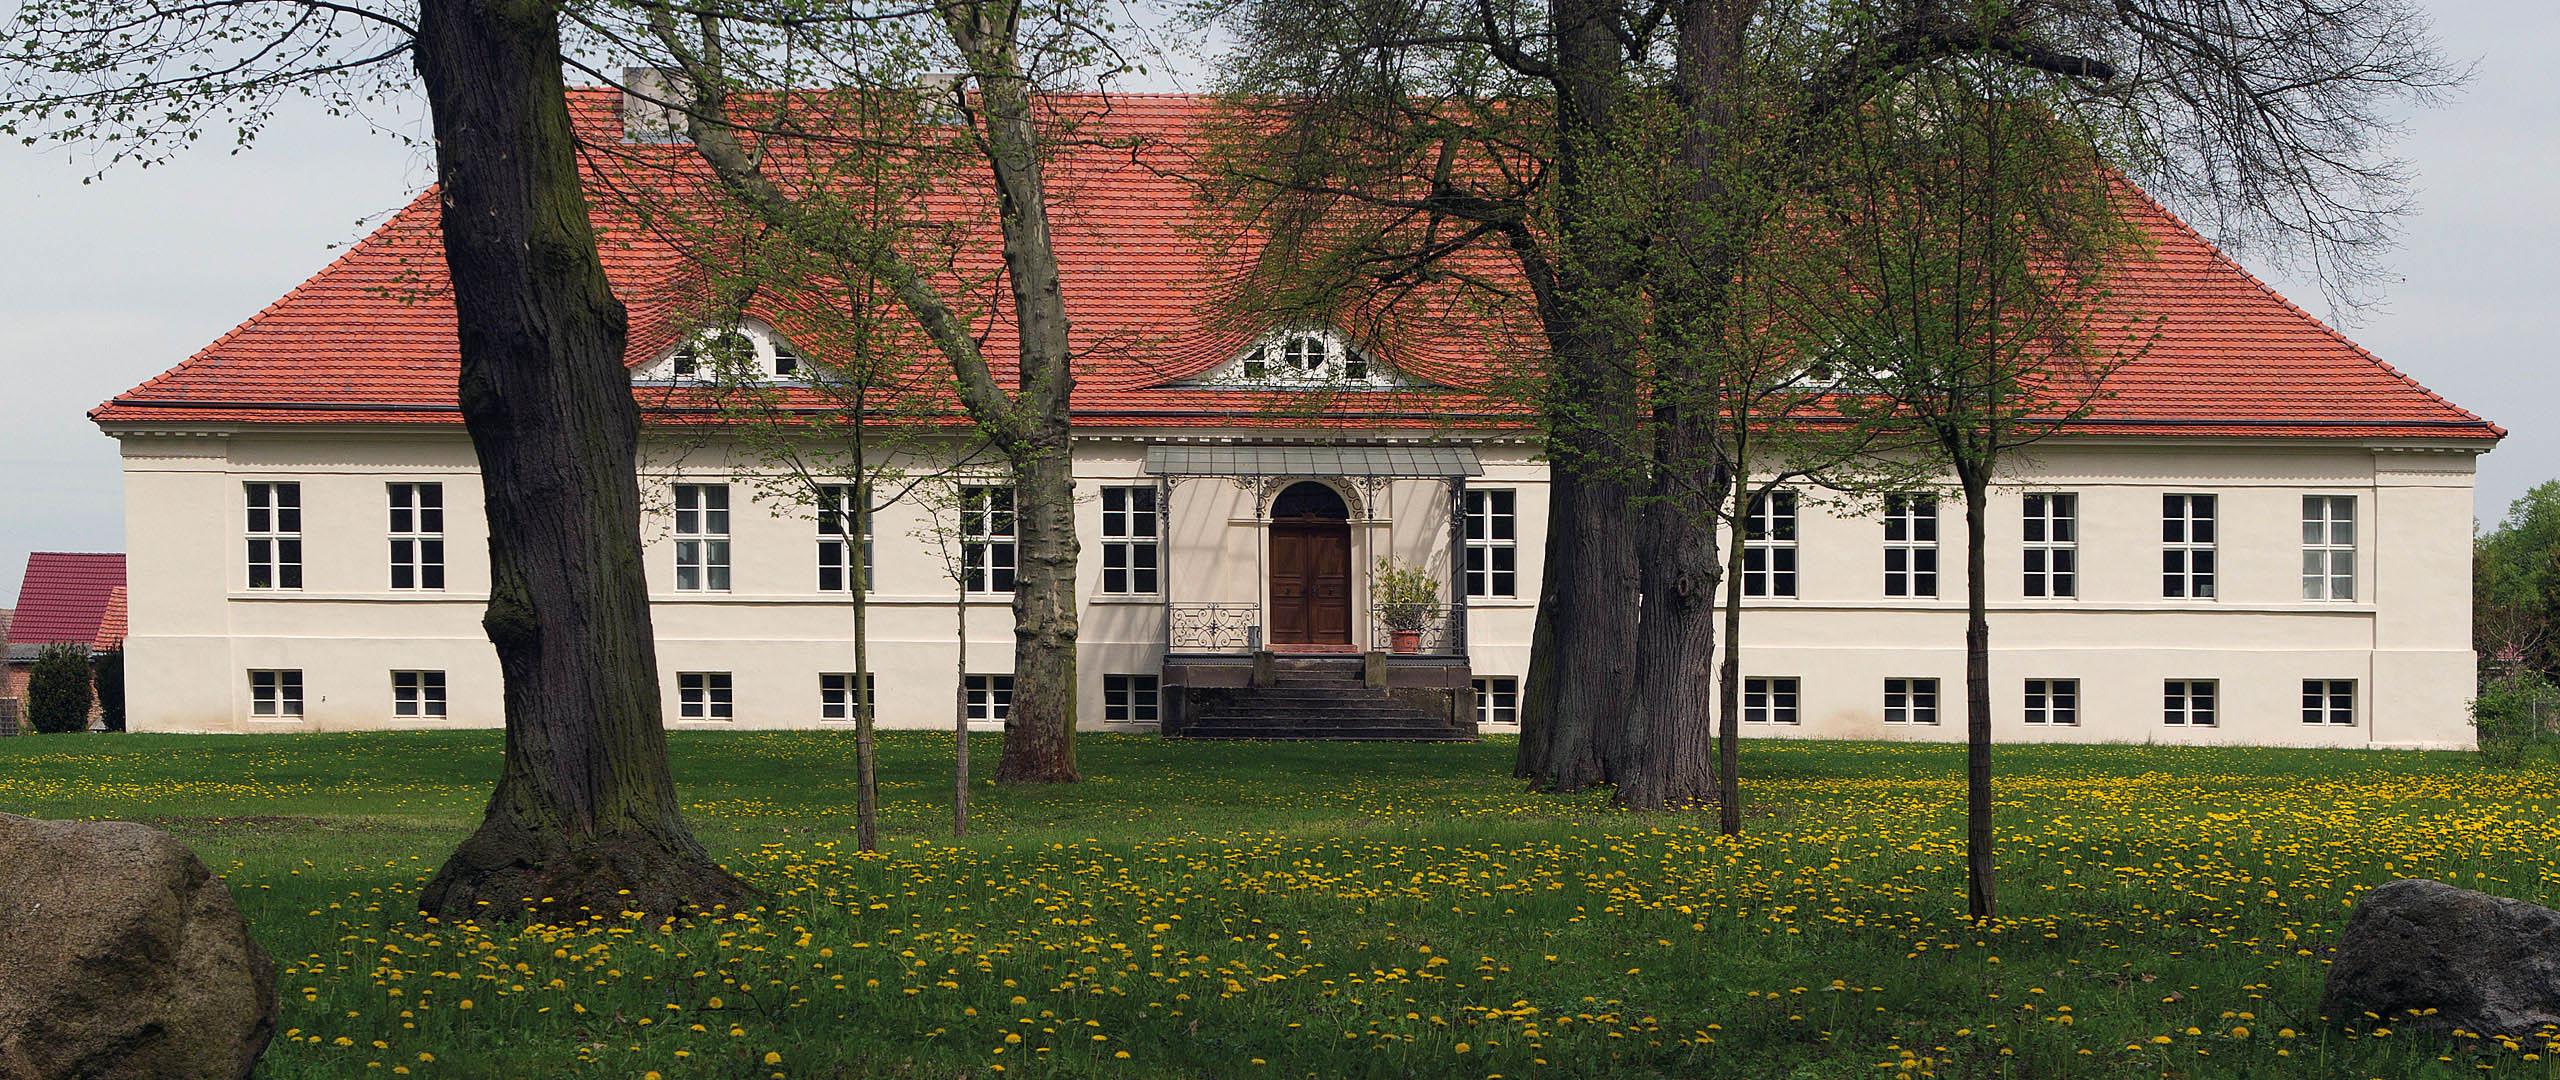 slider-hgr-schloss-diedersdorf-02